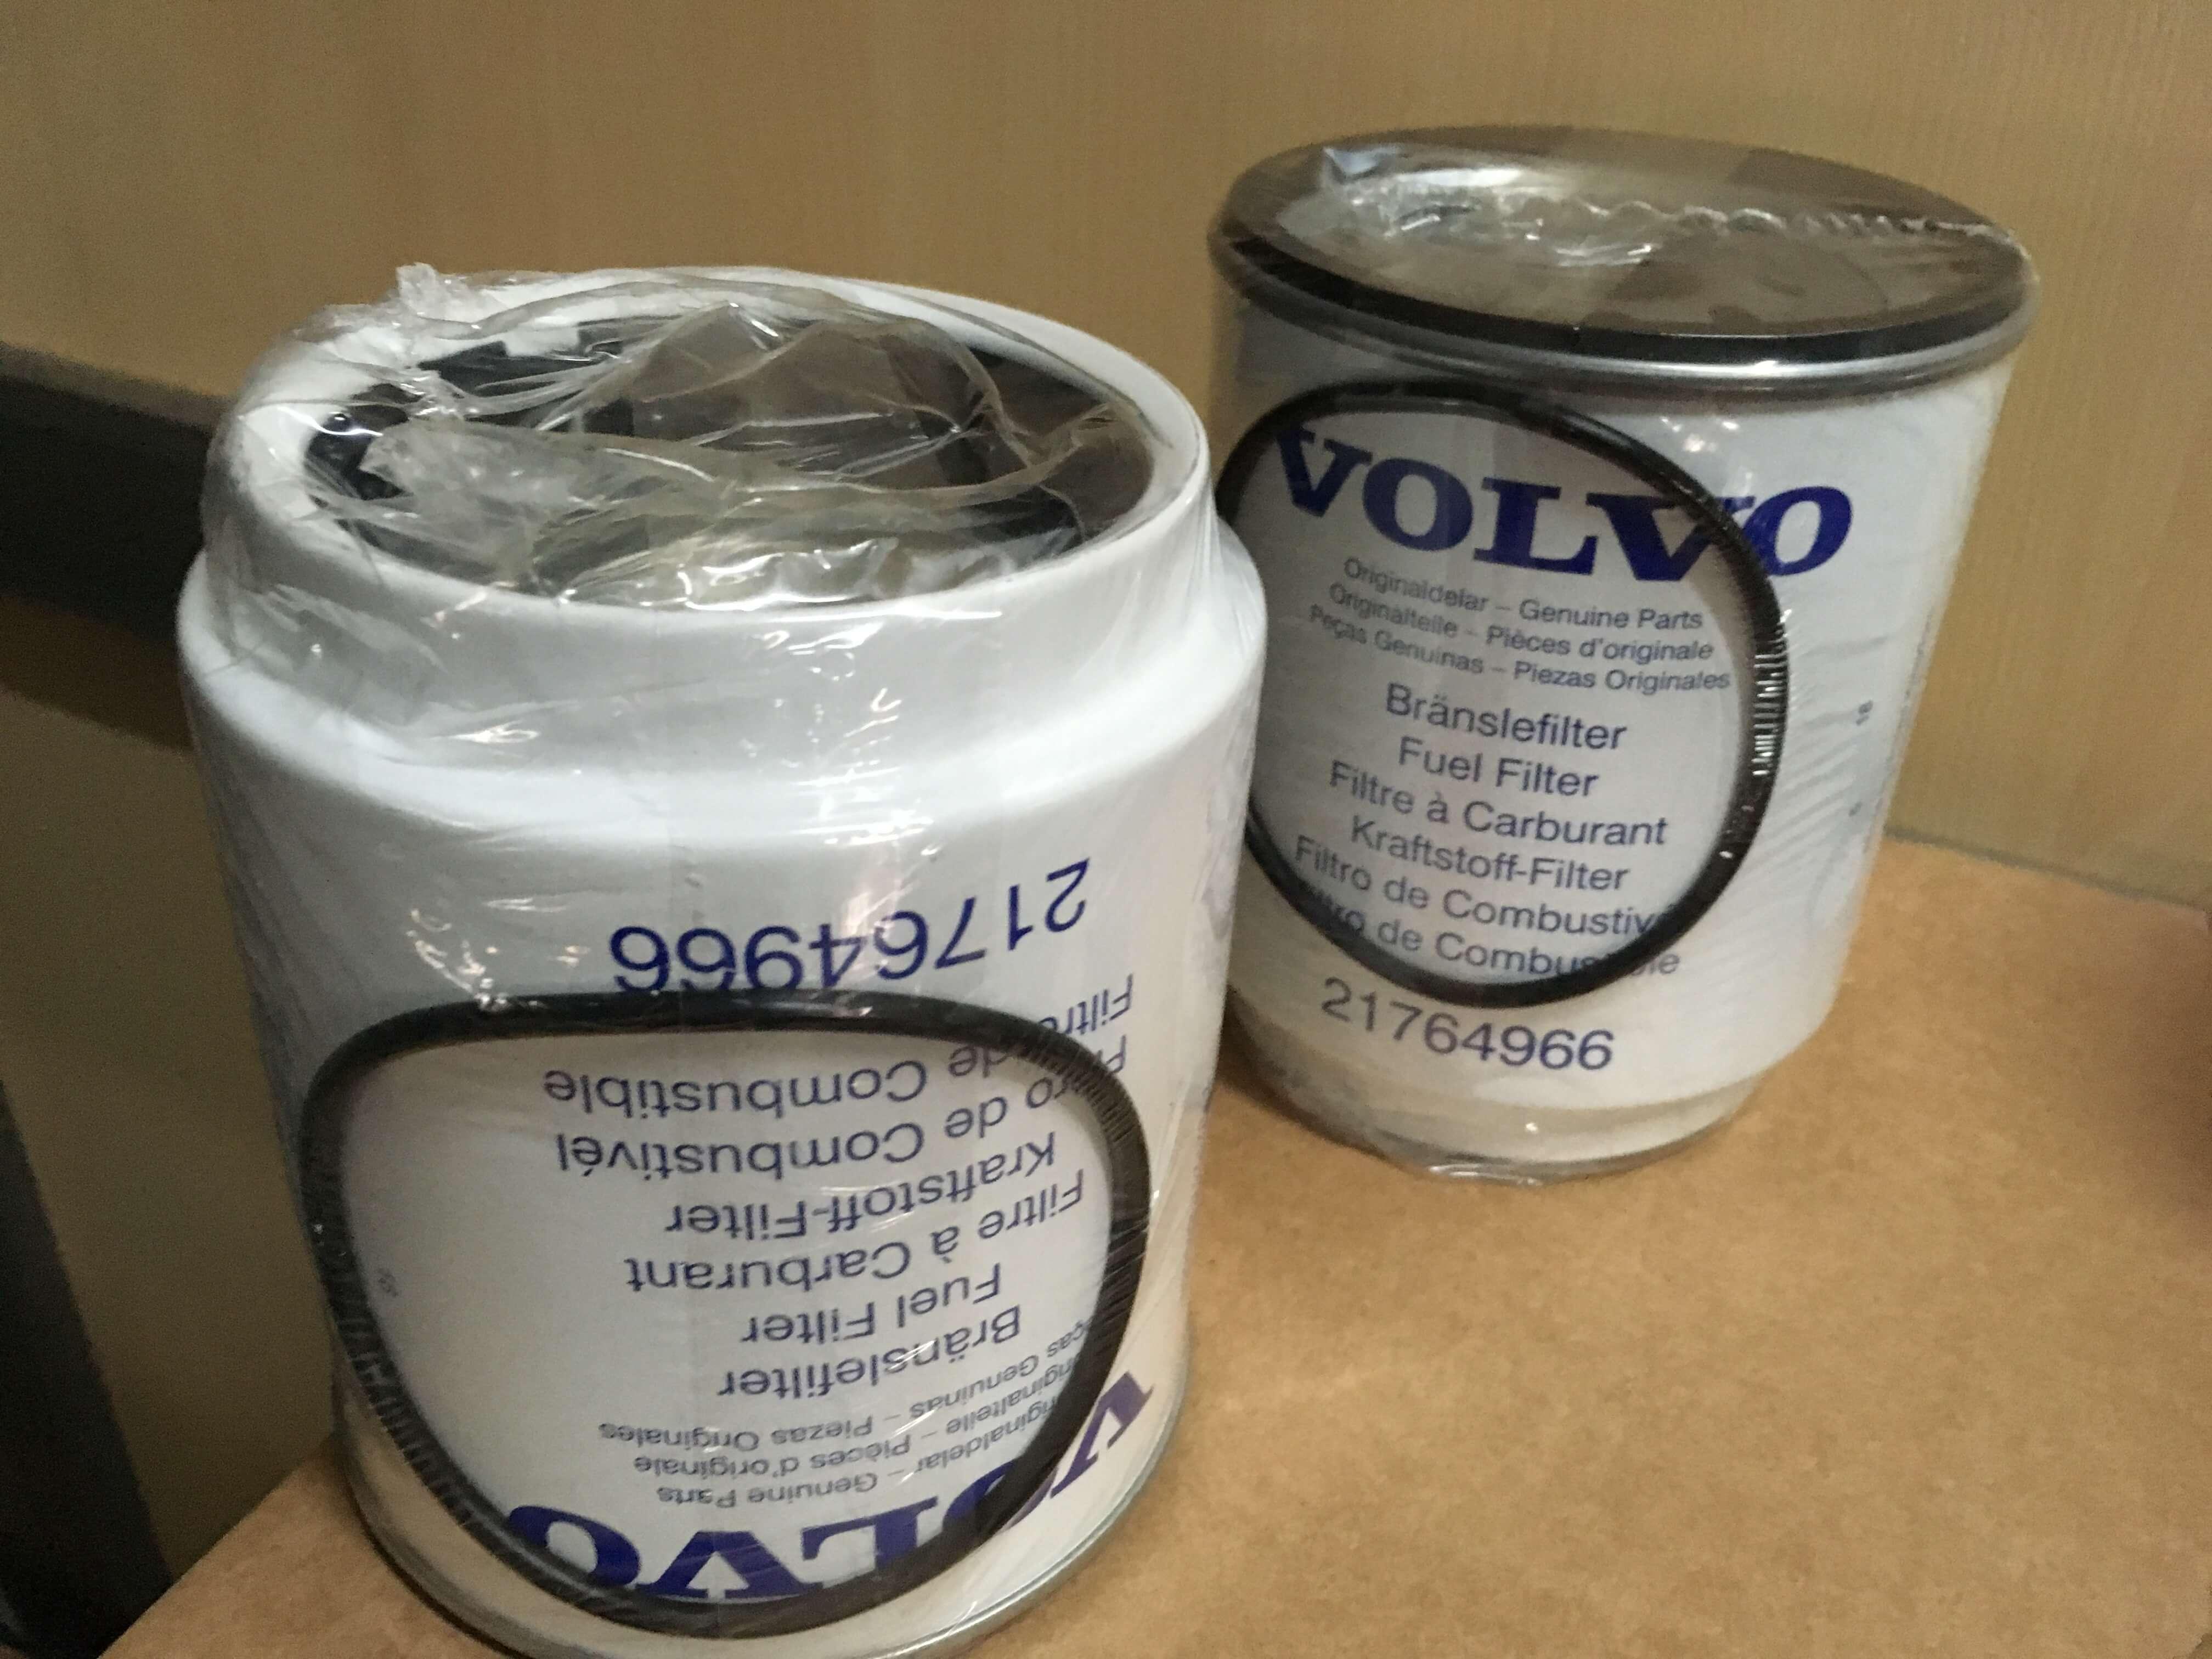 21764966 filtro de gasoil VOLVO. Venta de recambios orginales para camiones en SCAORTIZ - Filtro de gasoil VOLVO. Referencia 21764966